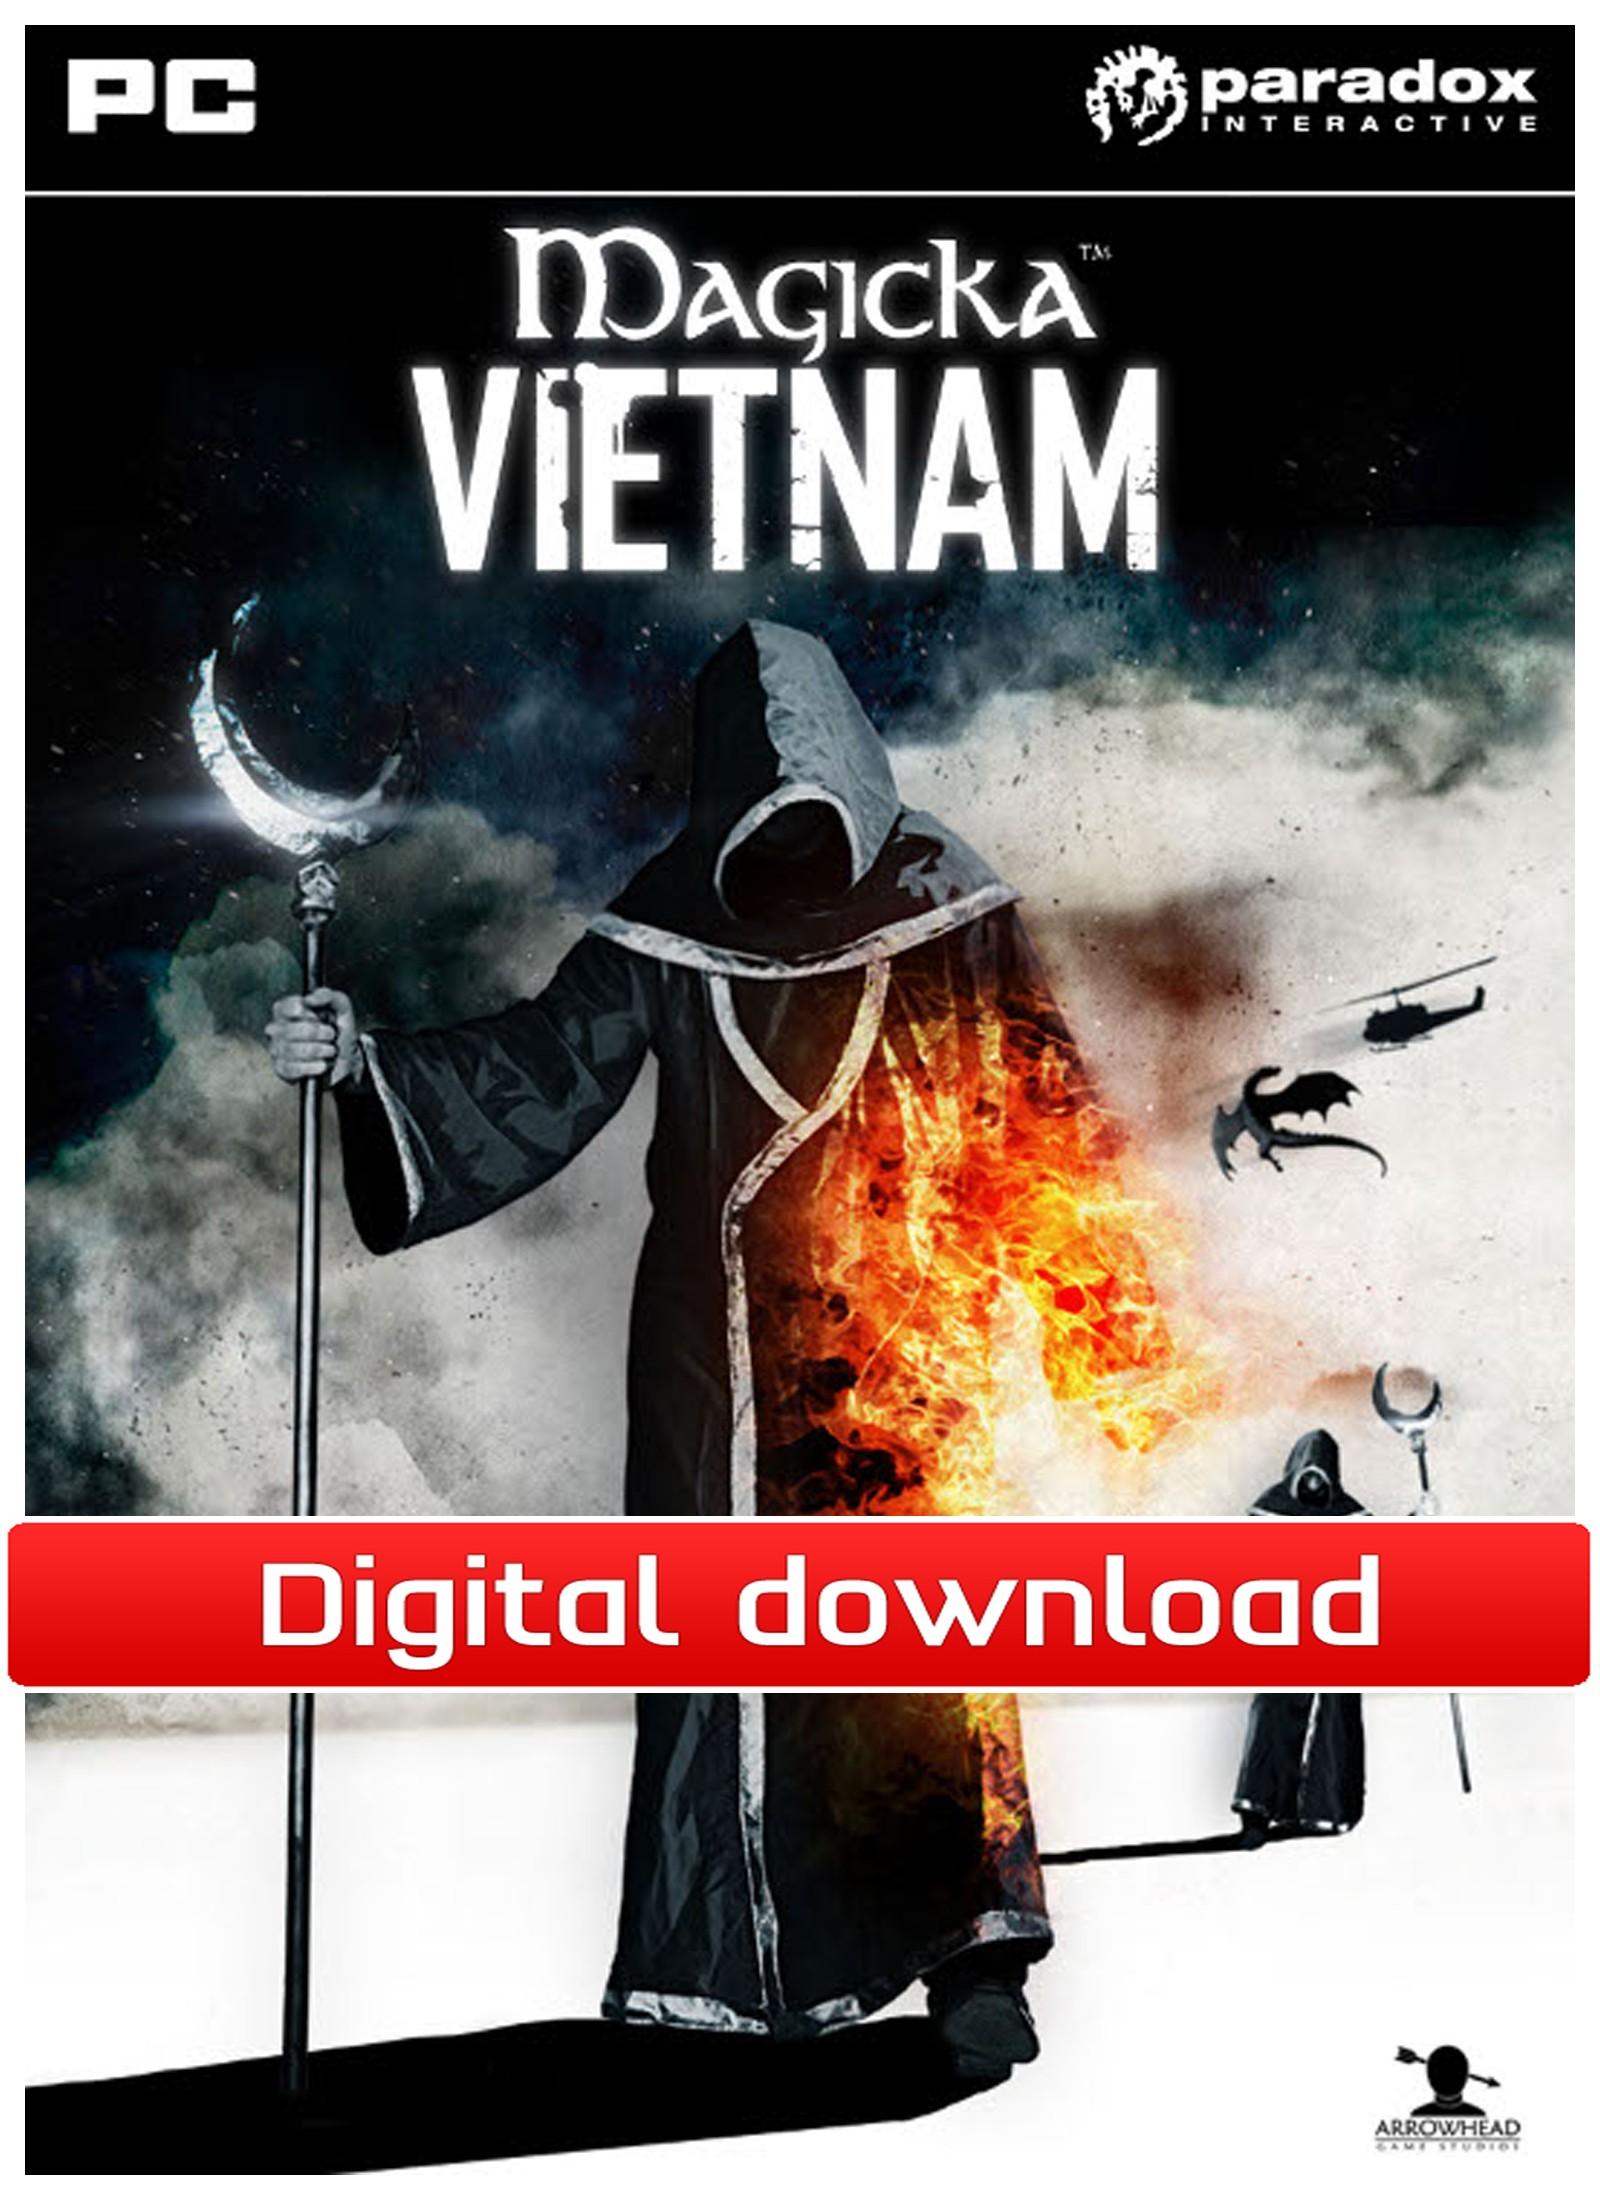 Magicka: DLC Vietnam (PC nedlastning) PCDD26530